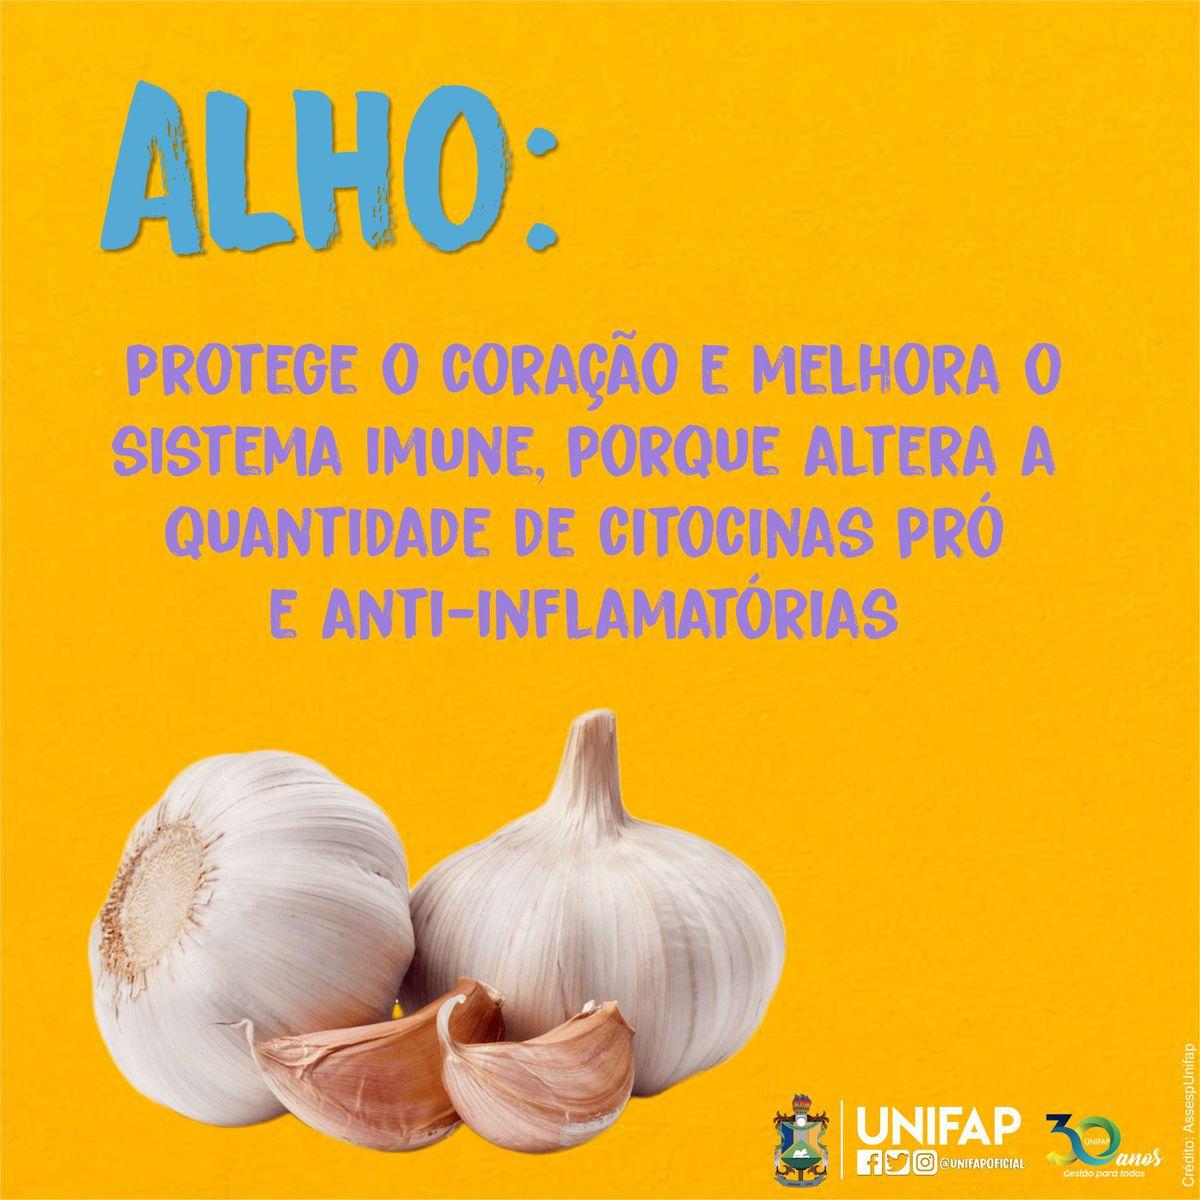 Turbine sua imunidade!  A alimentação saudável é essencial para a melhoria de qualidade de vida e fortalecimento da imunidade, a dica de hoje fala sobre os benefícios do alho. #AlimentaçãoSaudável pic.twitter.com/7VPiCfYvx7